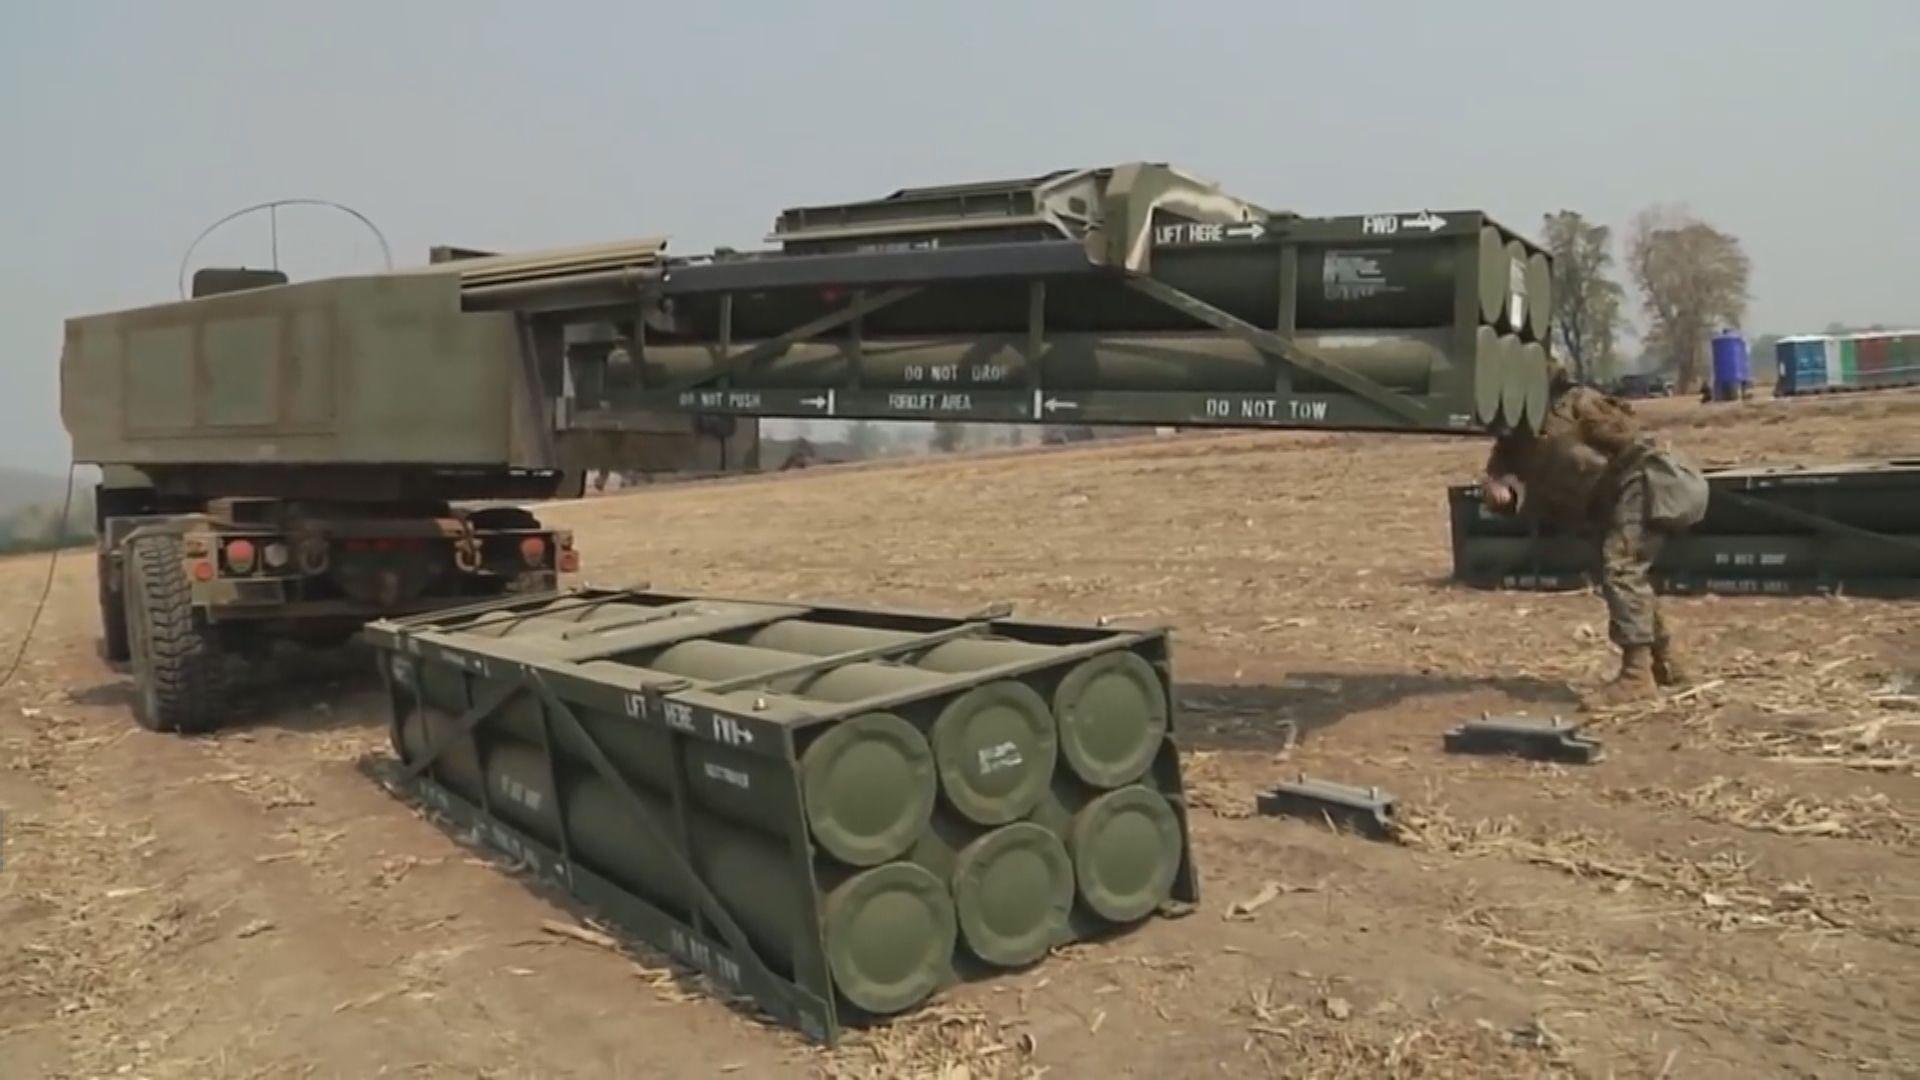 美台簽署兩項軍售合約 涉及多管火箭系統